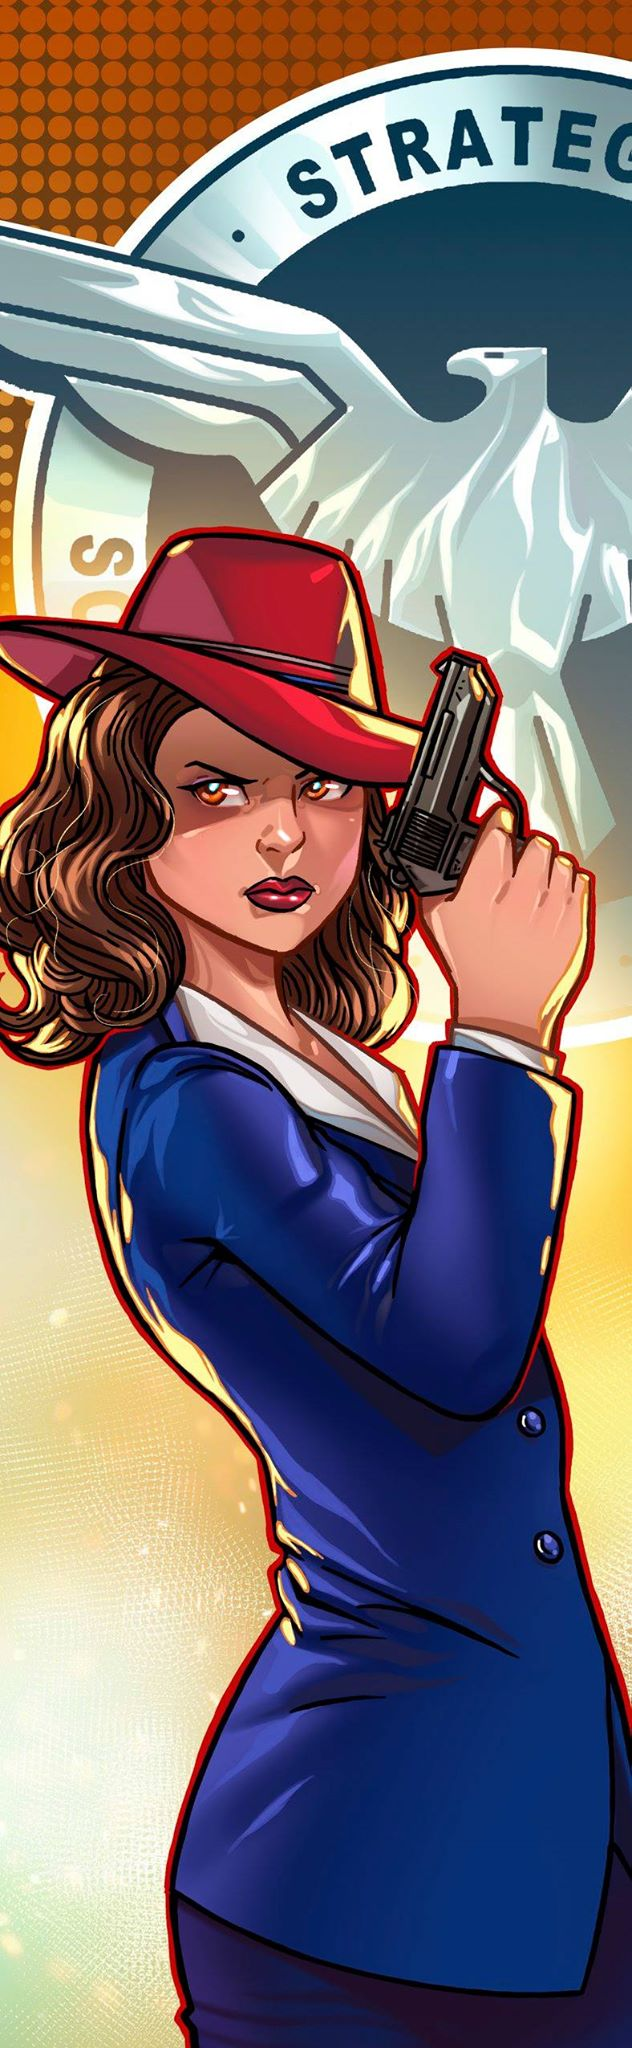 Agent Carter Panel Art by RichBernatovech